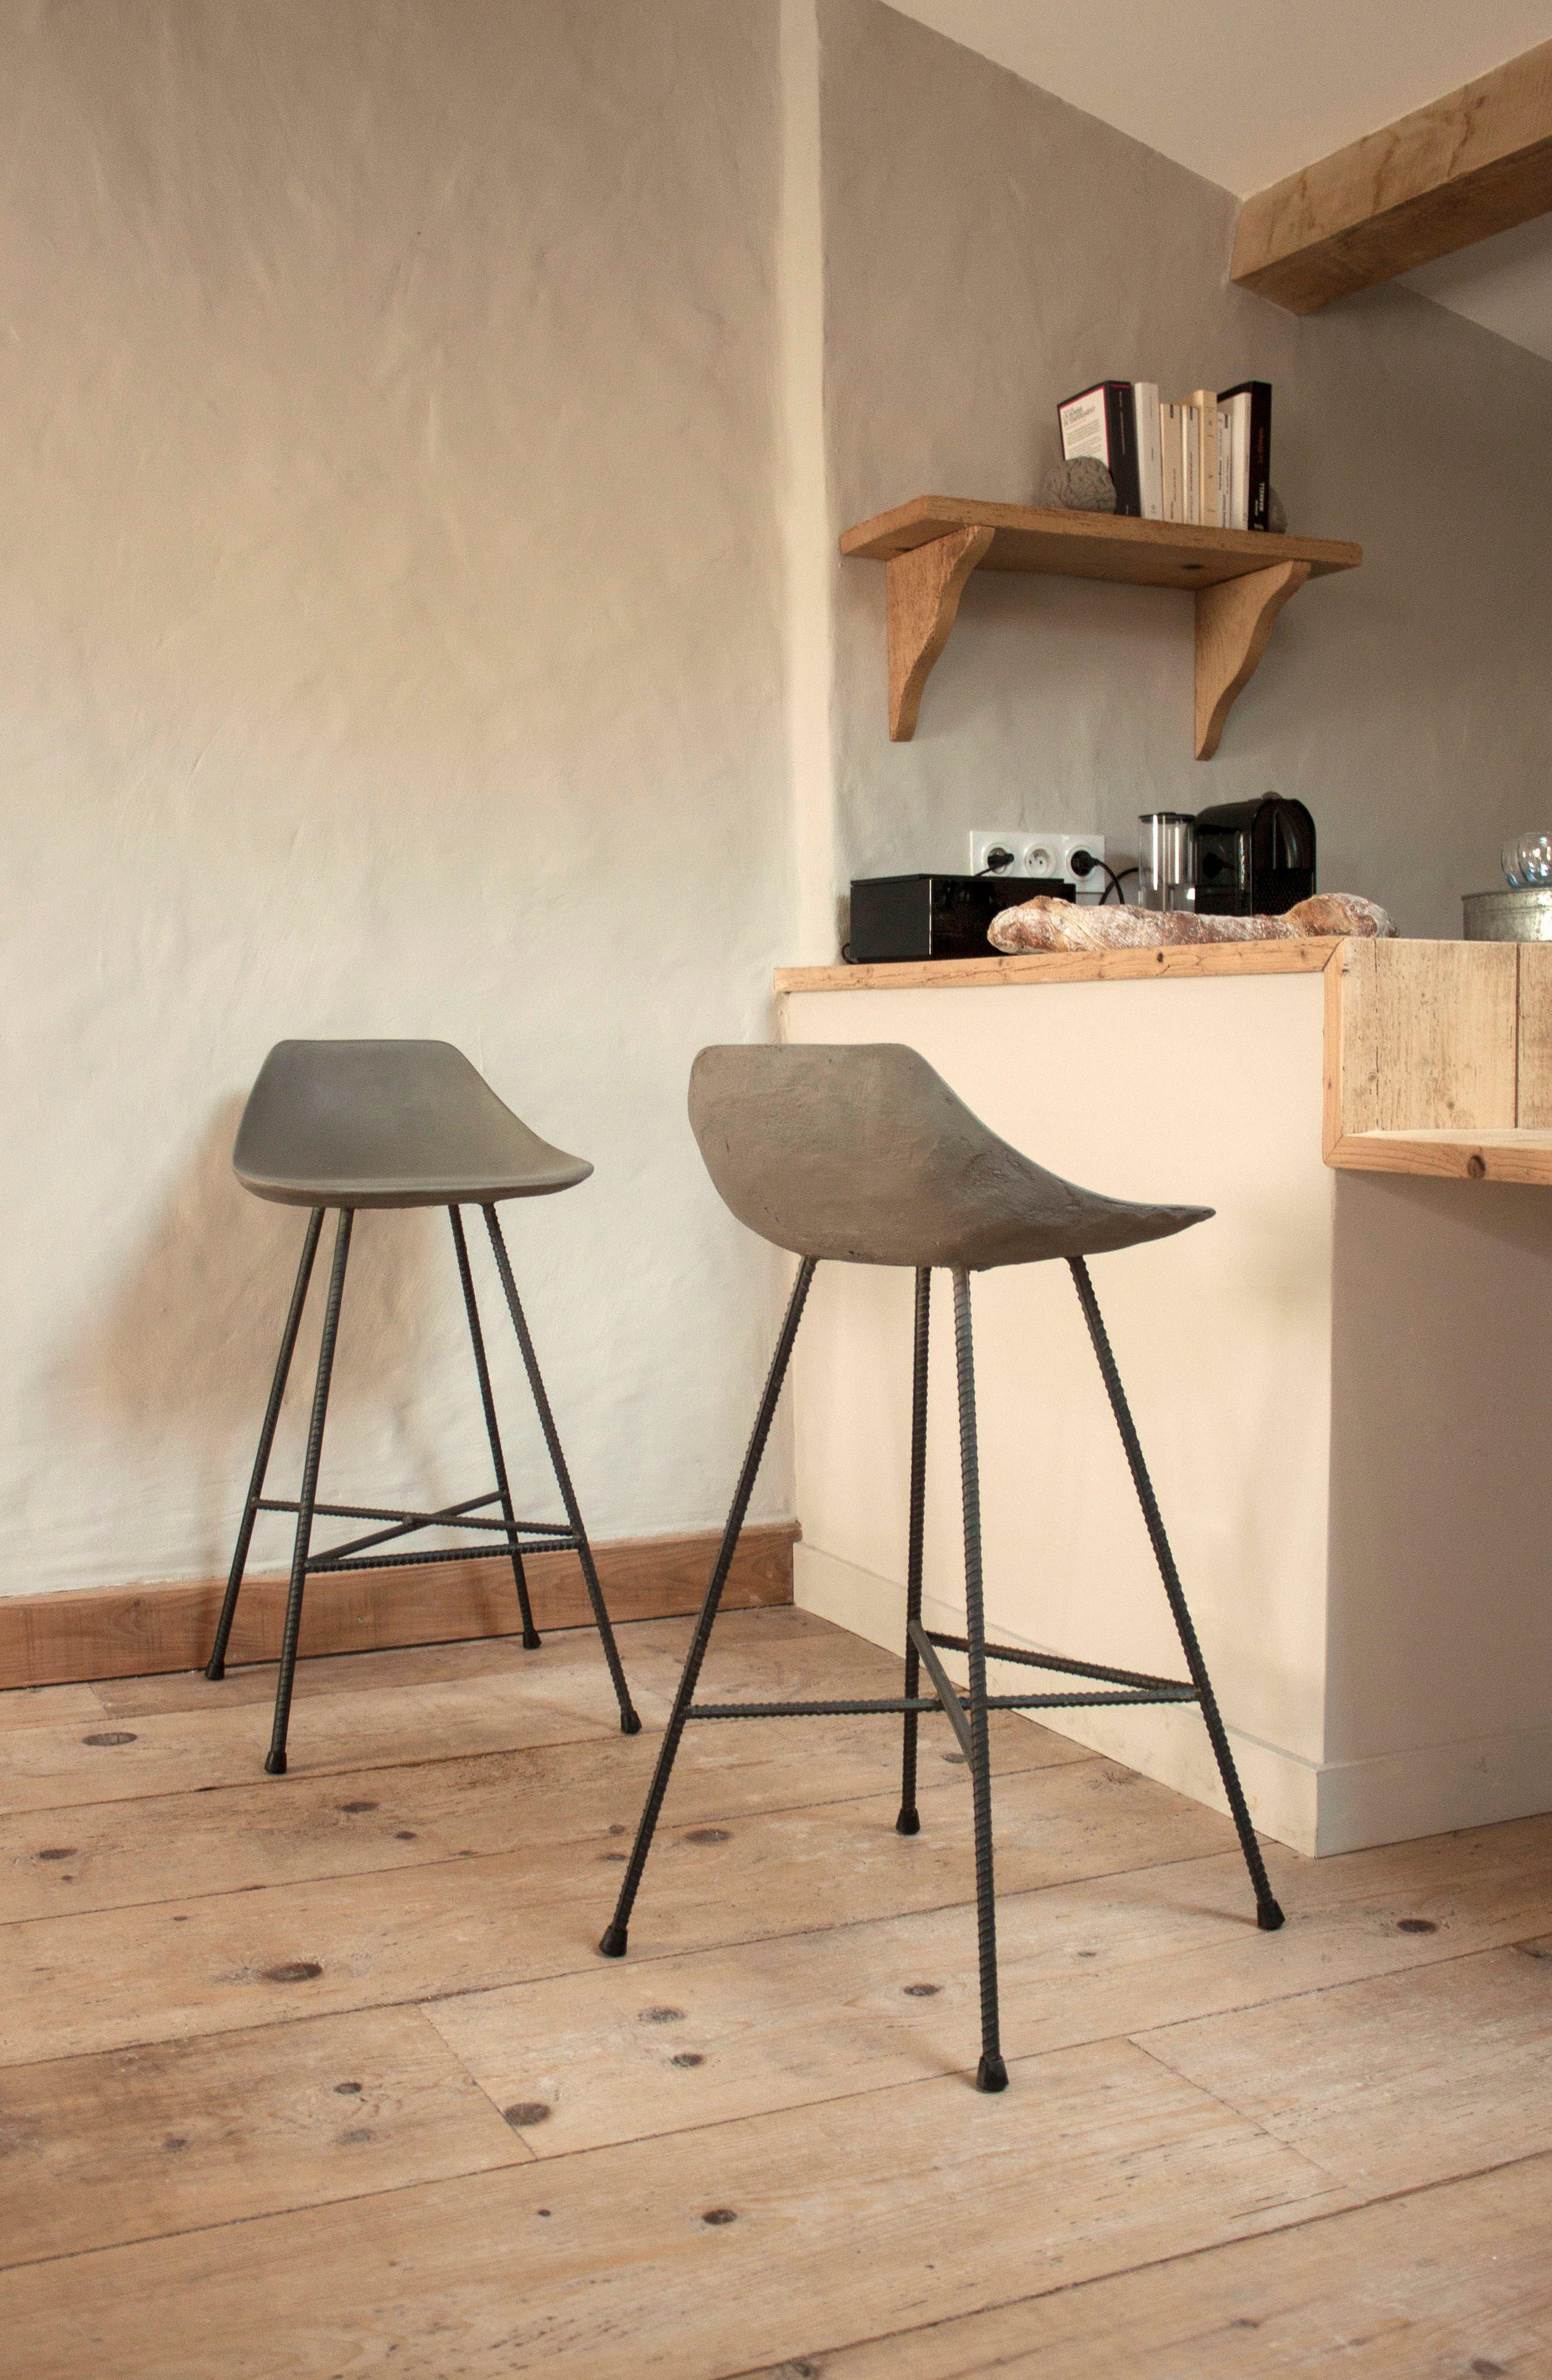 Lyon Béton Hauteville Counter Chair,                             Alternate thumbnail 5, color,